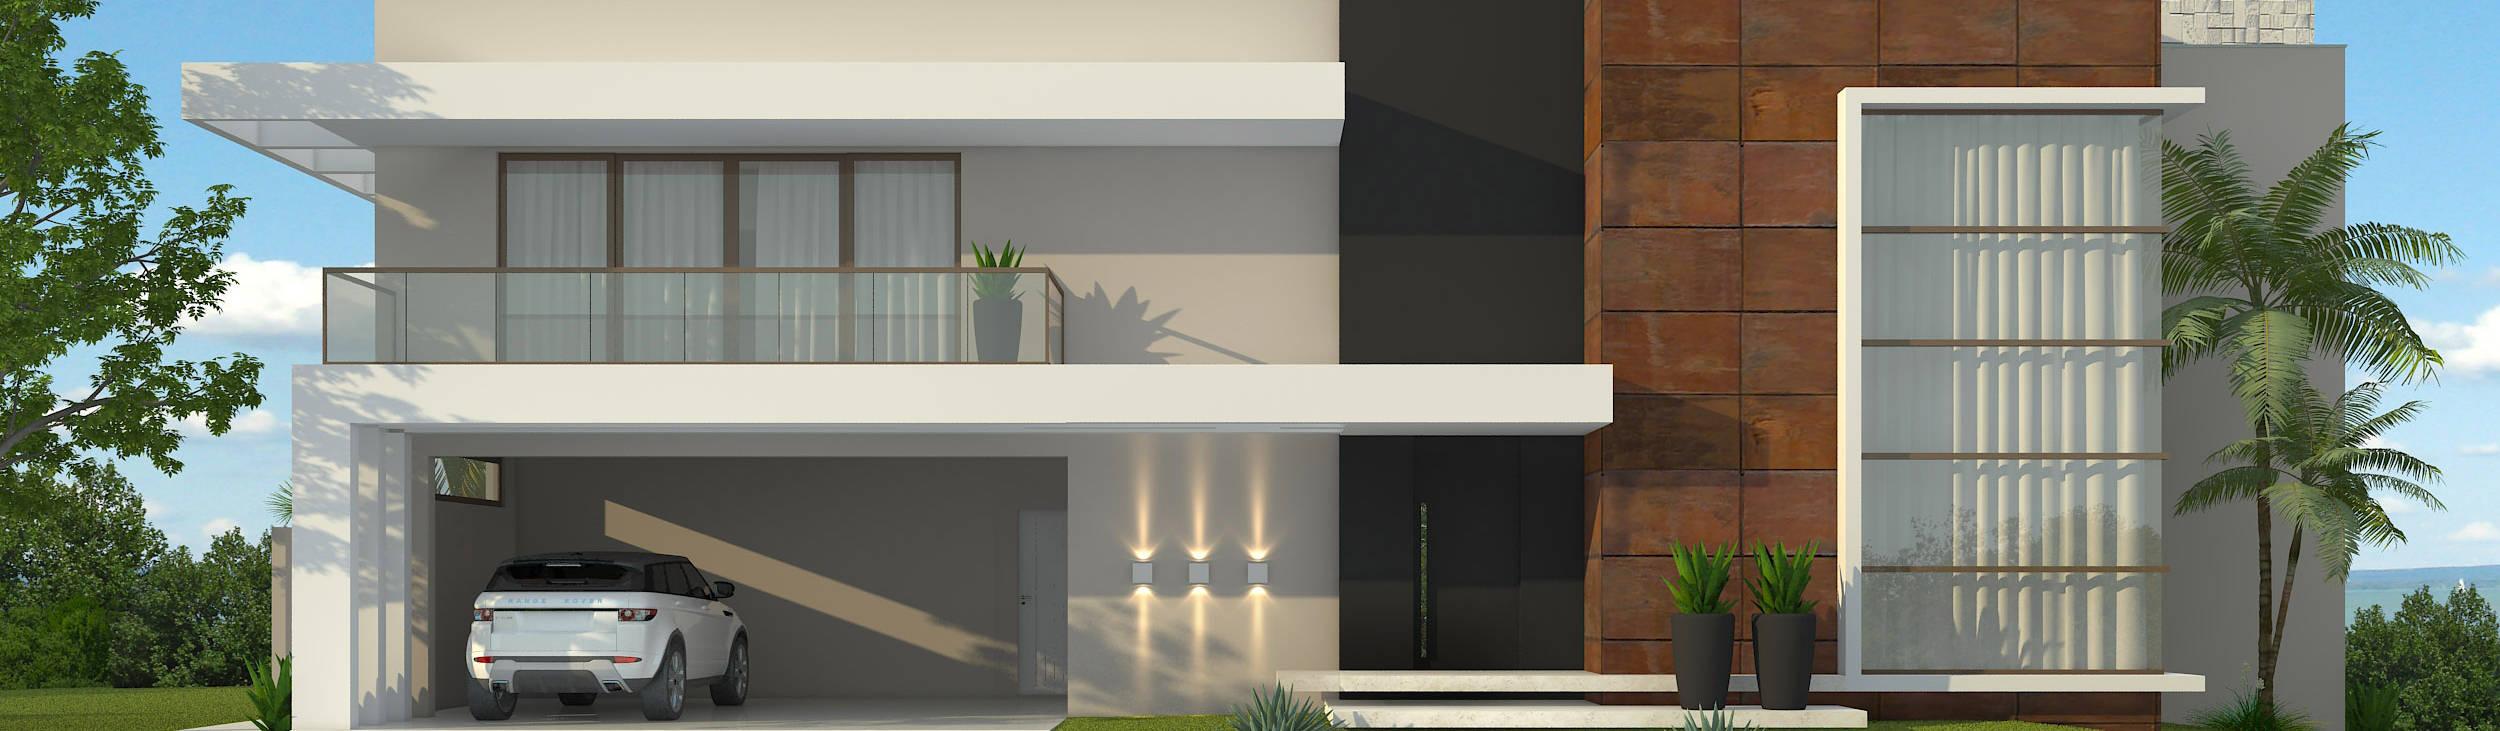 DOM Arquitetura e Interiores